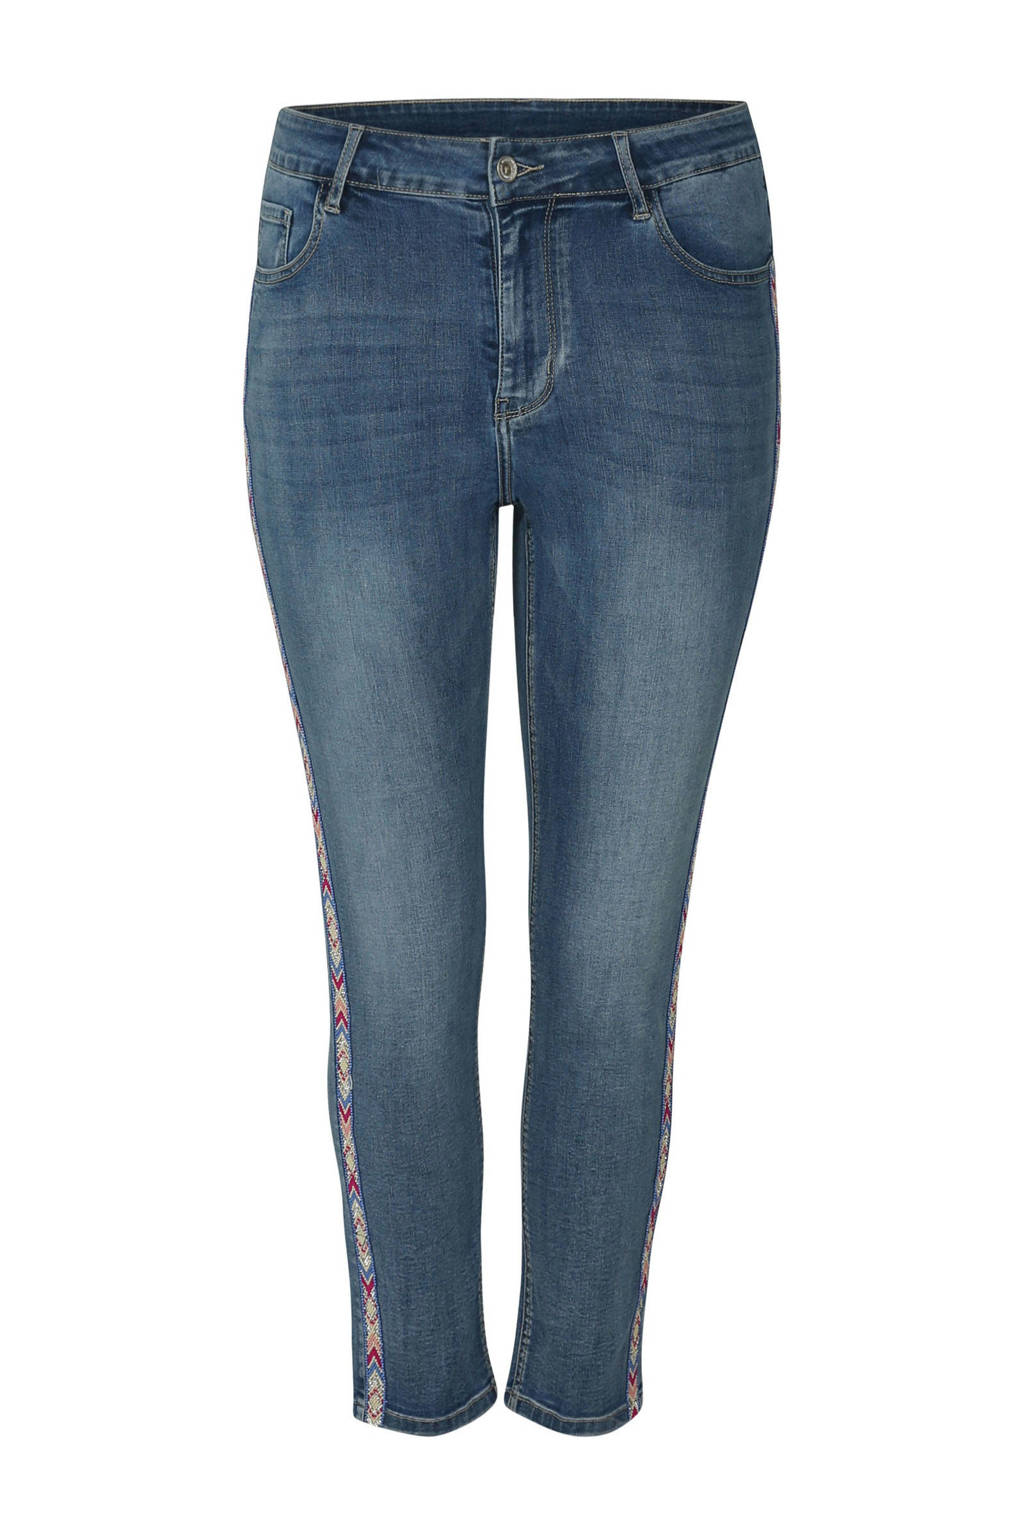 Paprika jeans met zijstreep, Blauw